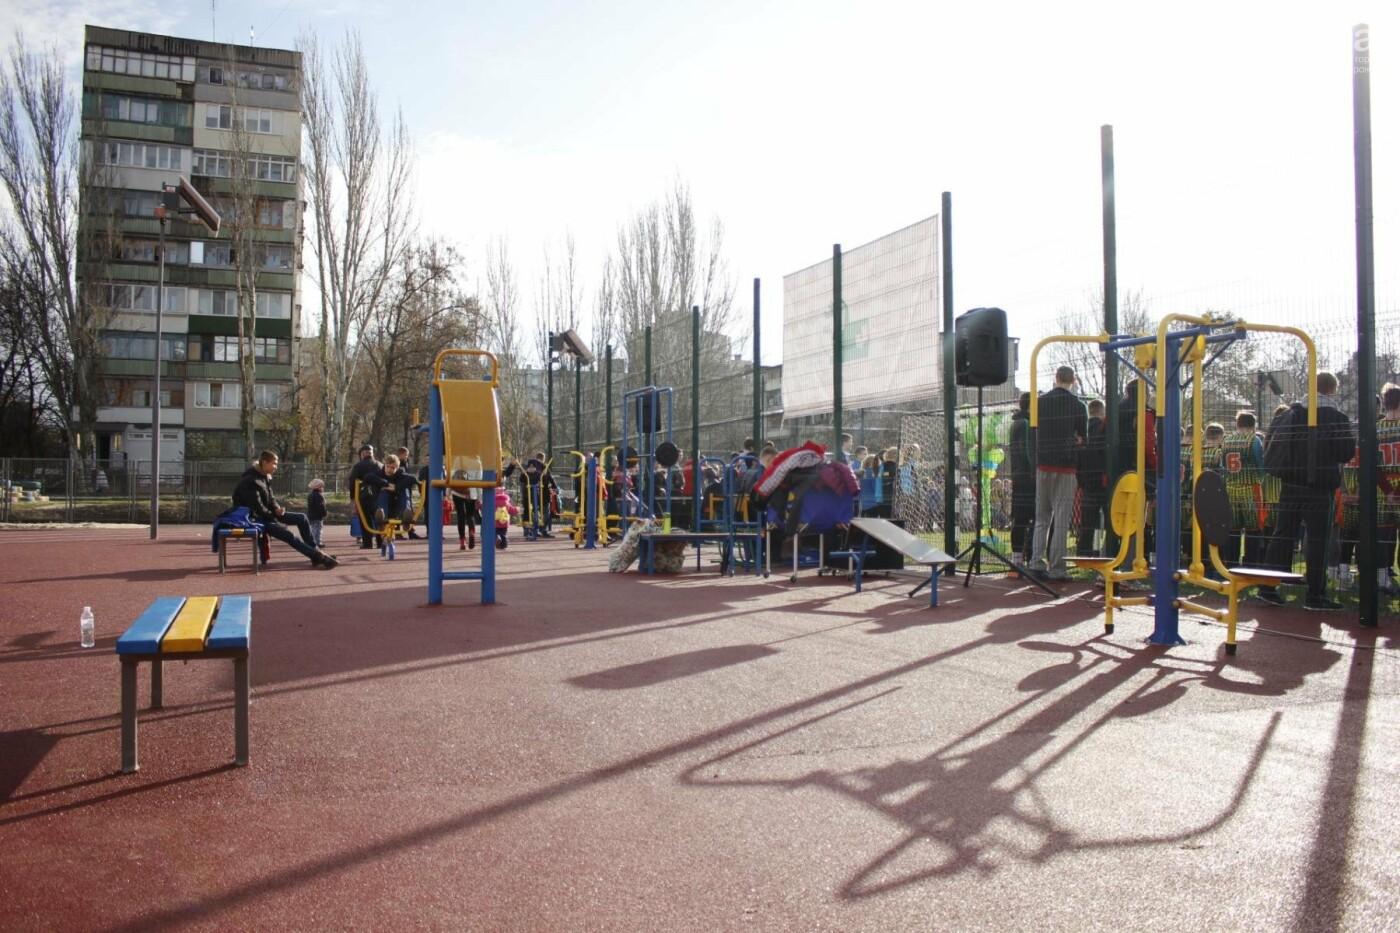 В Бородинском микрорайоне открыли школьный стадион: как это выглядит, - ФОТОРЕПОРТАЖ, фото-15